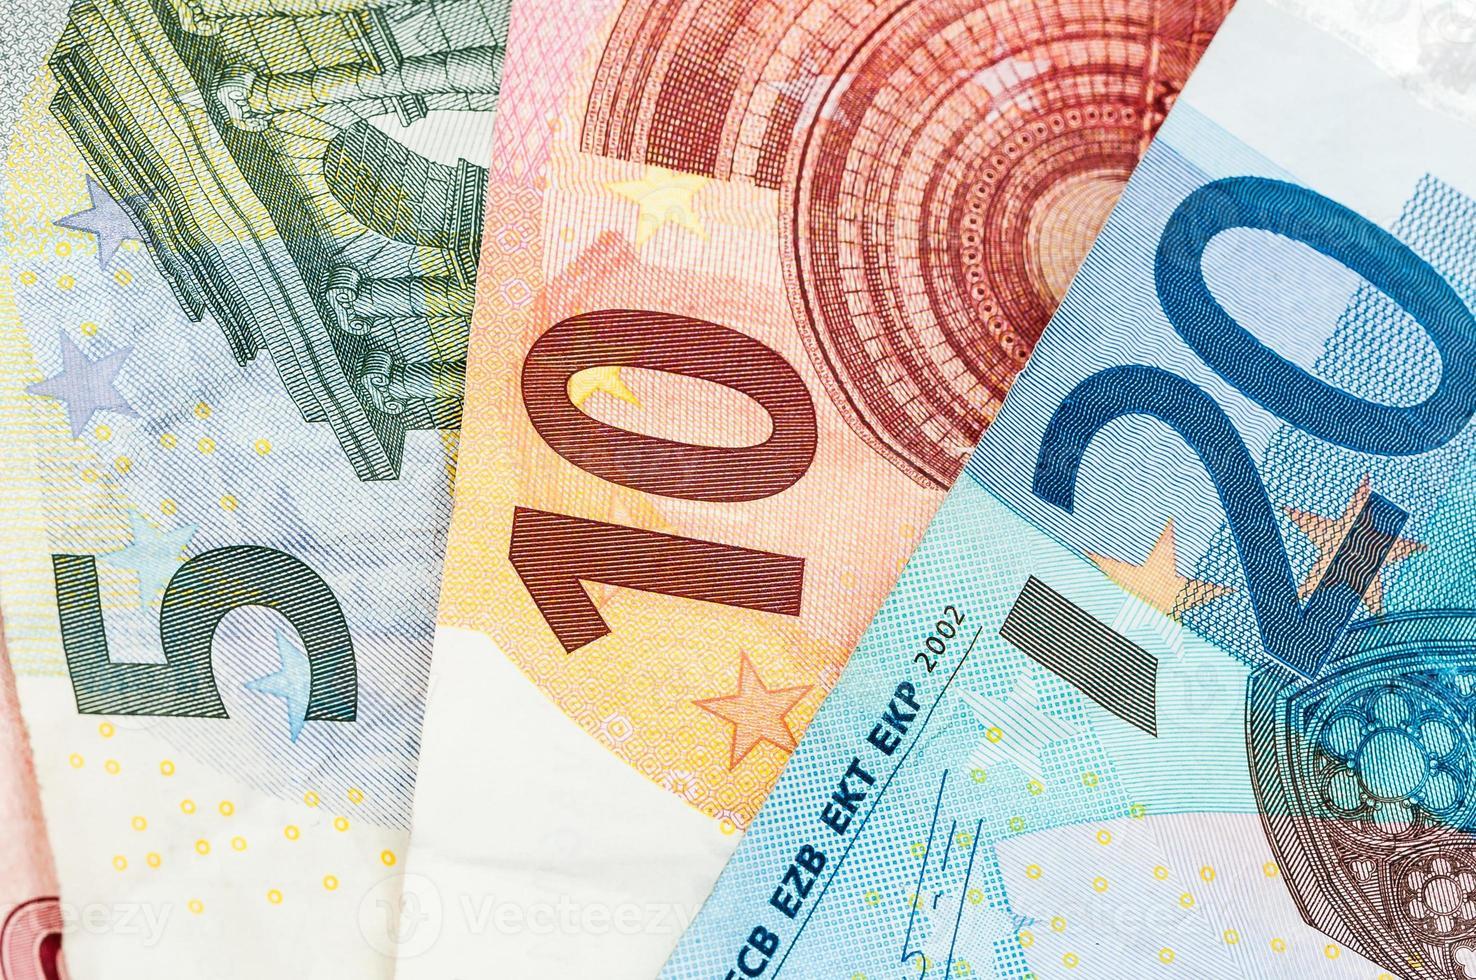 billetes de cinco, diez y veinte euros foto